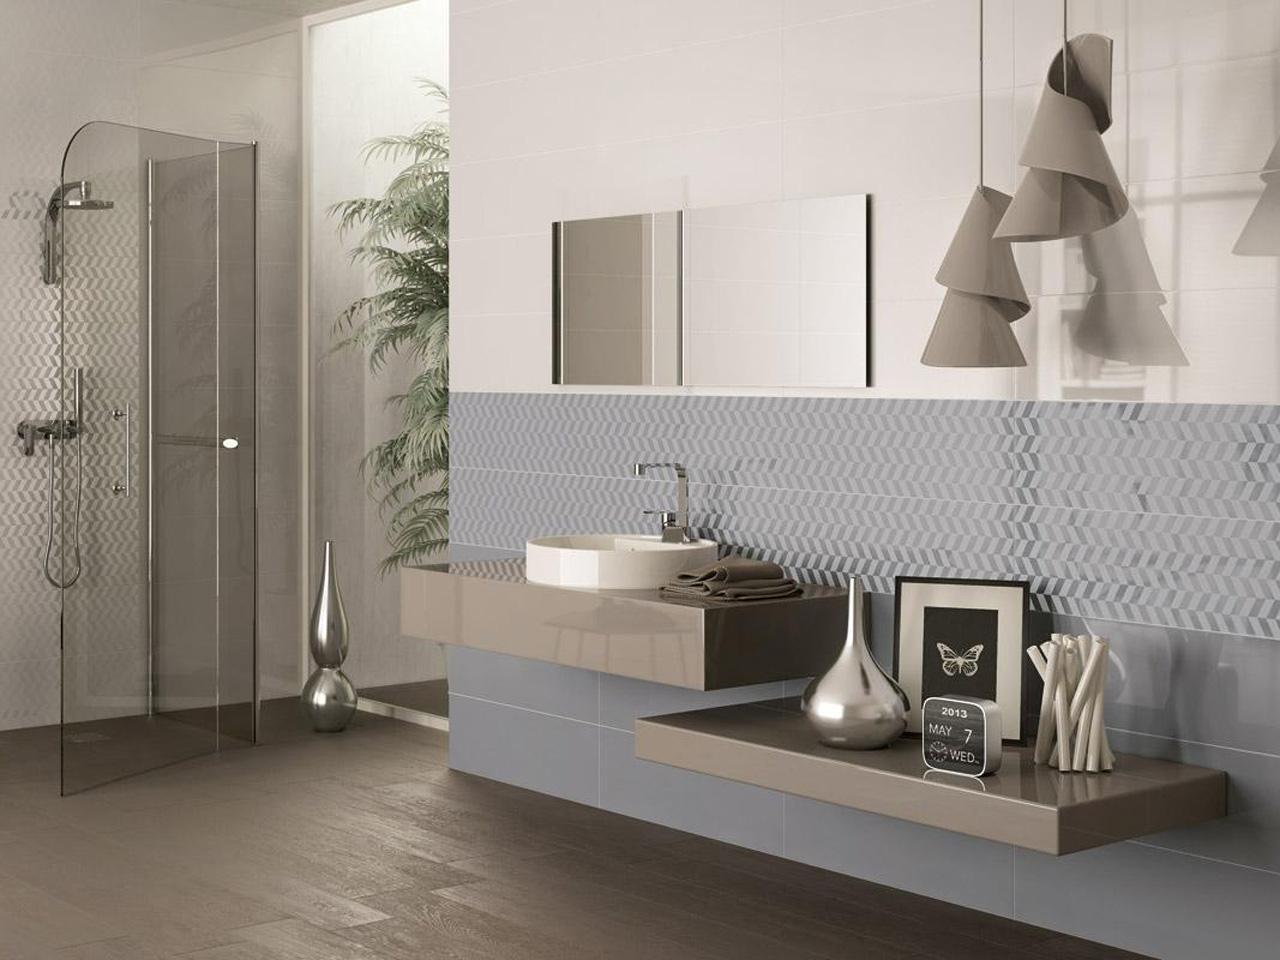 Rivestimento Bagno Con Maioliche l'altezza ideale per il rivestimento delle pareti del bagno